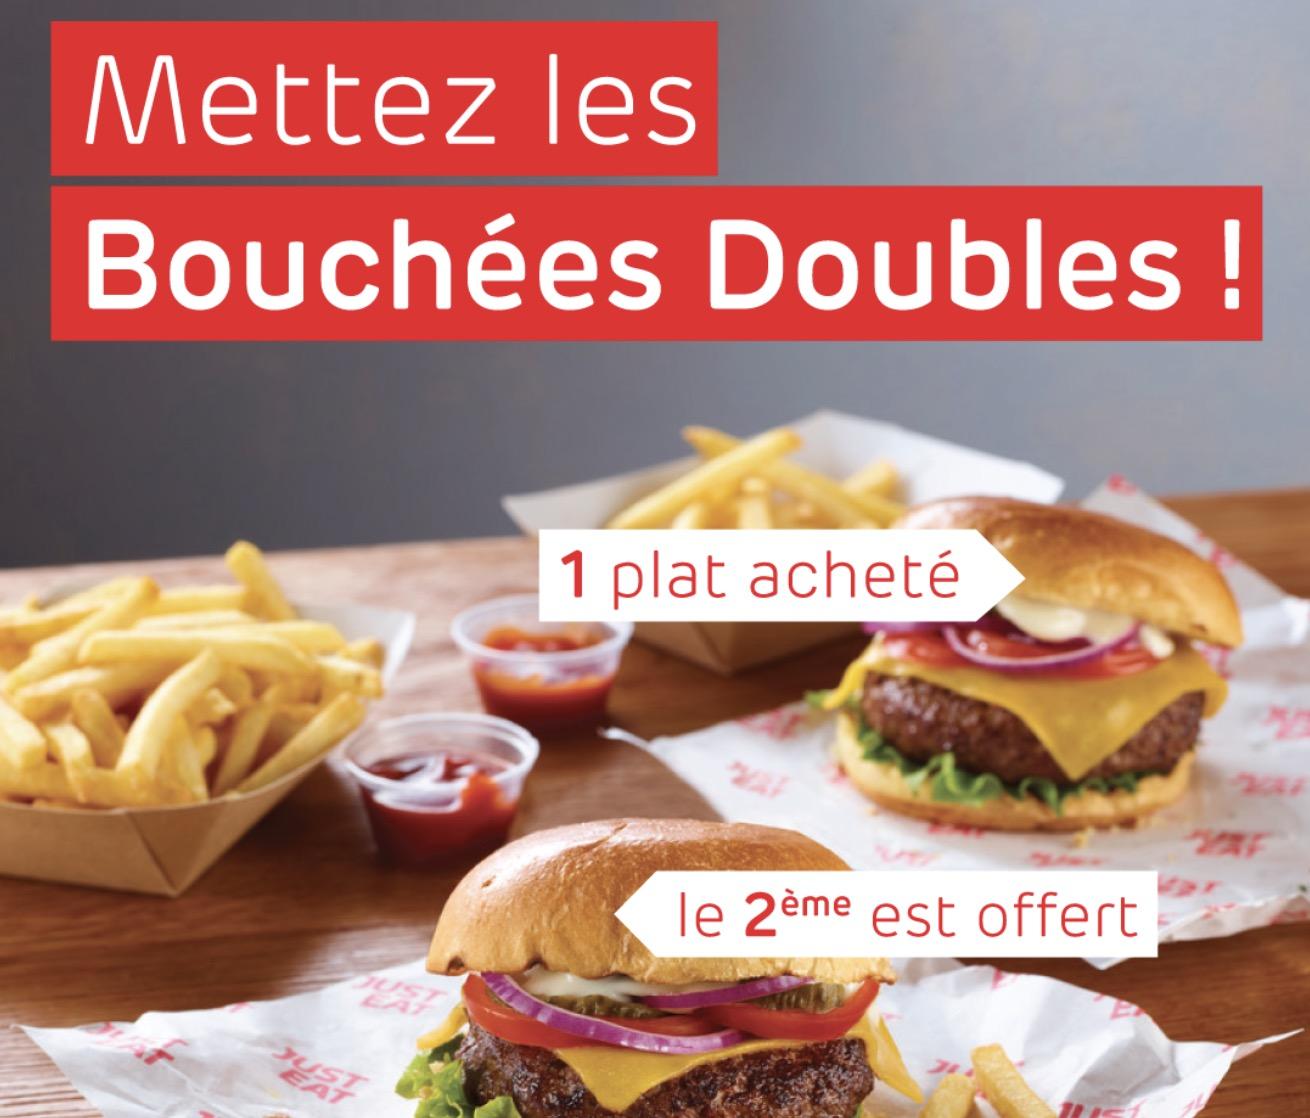 Code promo Just Eat (Allo Resto) : 1 plat acheté = 1 plat offert sur une sélection de restaurants